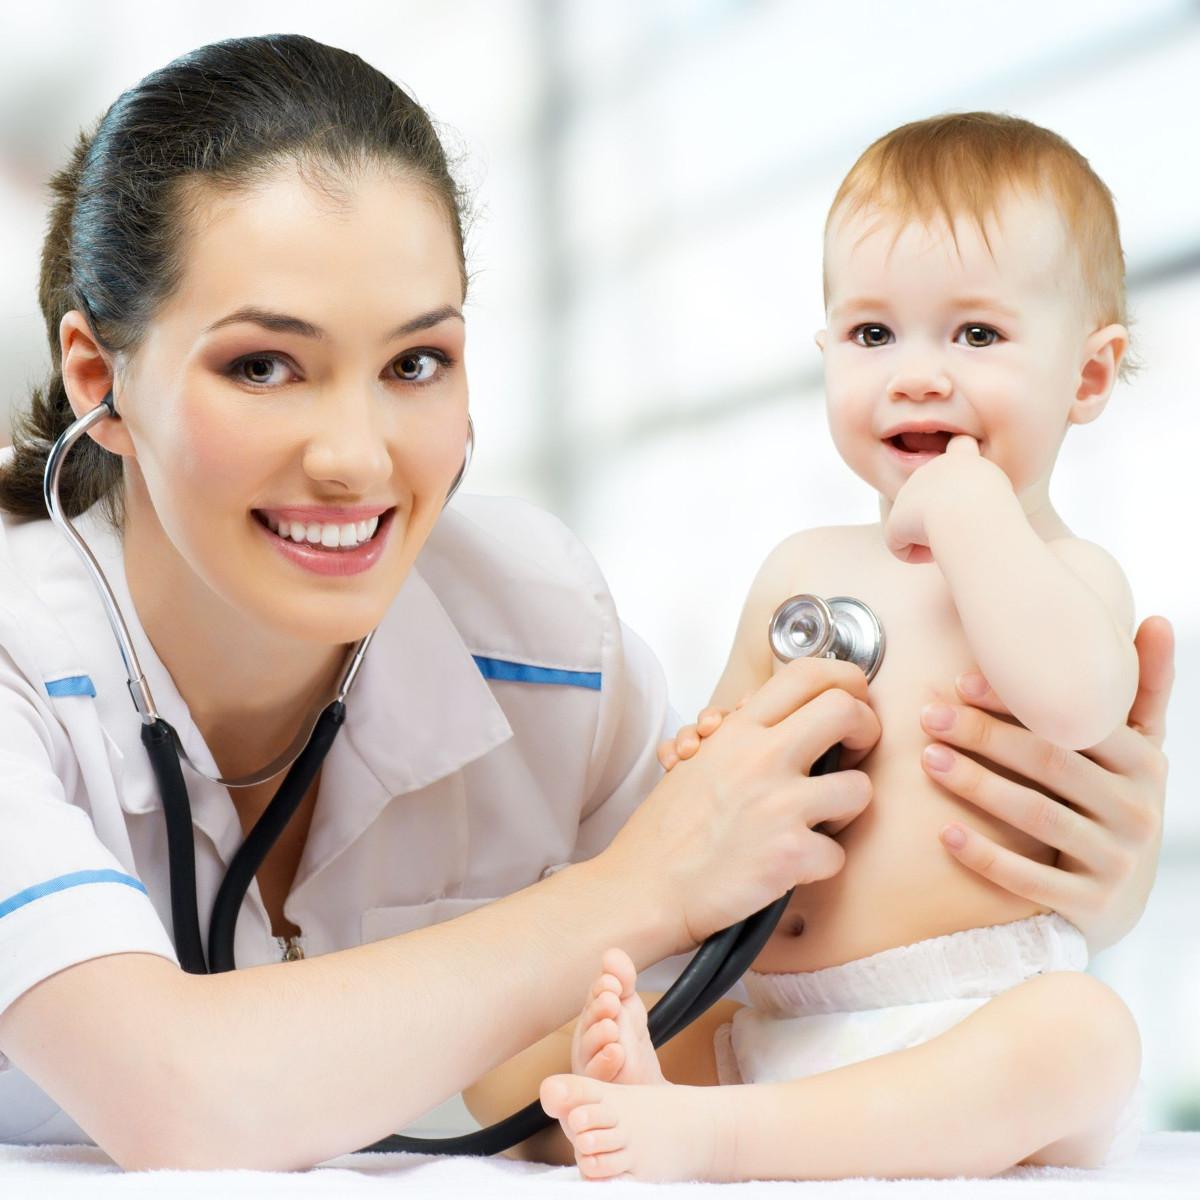 voce-confia-no-seu-pediatra-proativo